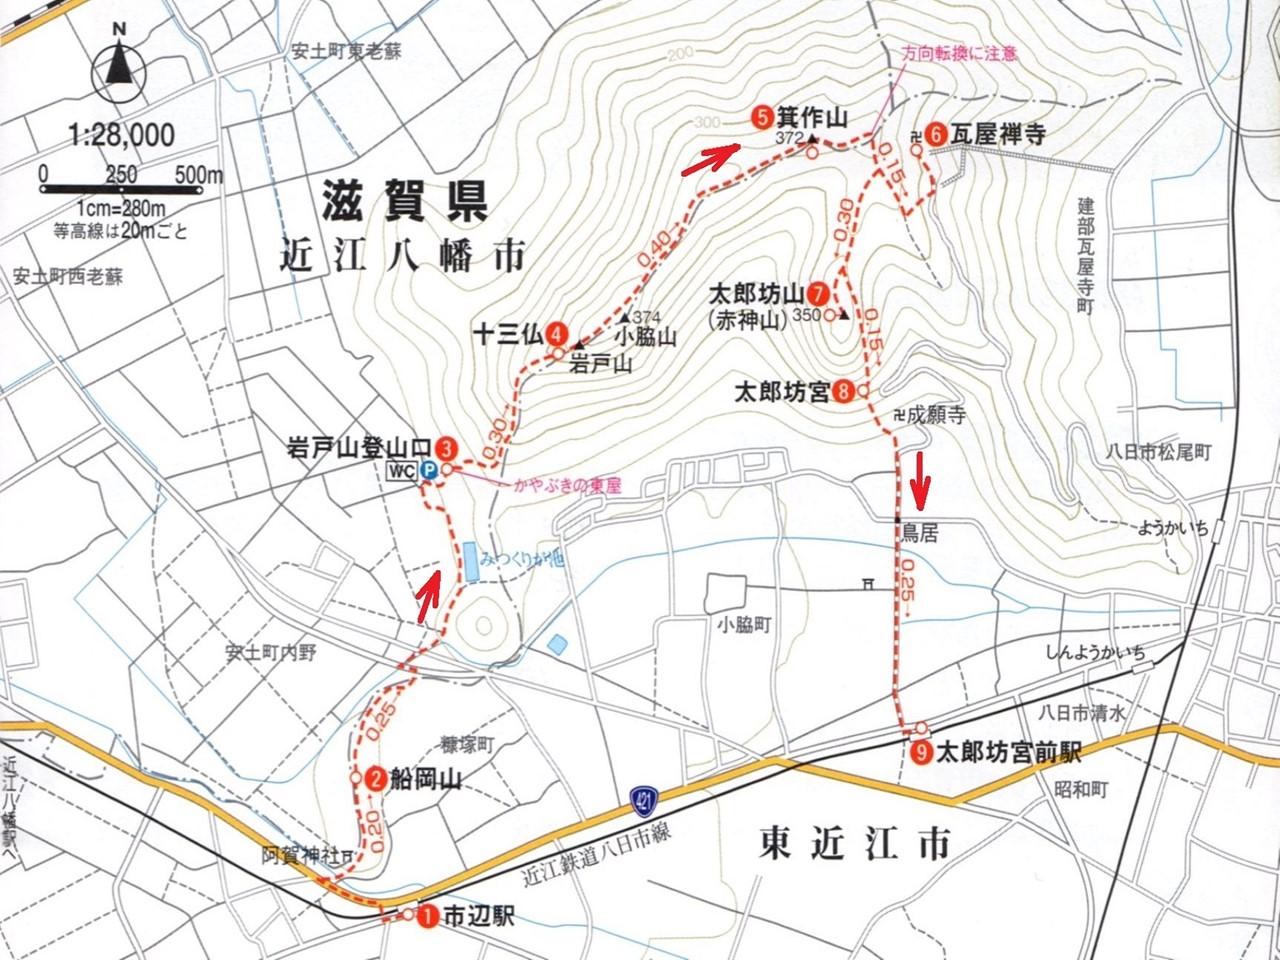 01a 箕作山ルートマップ